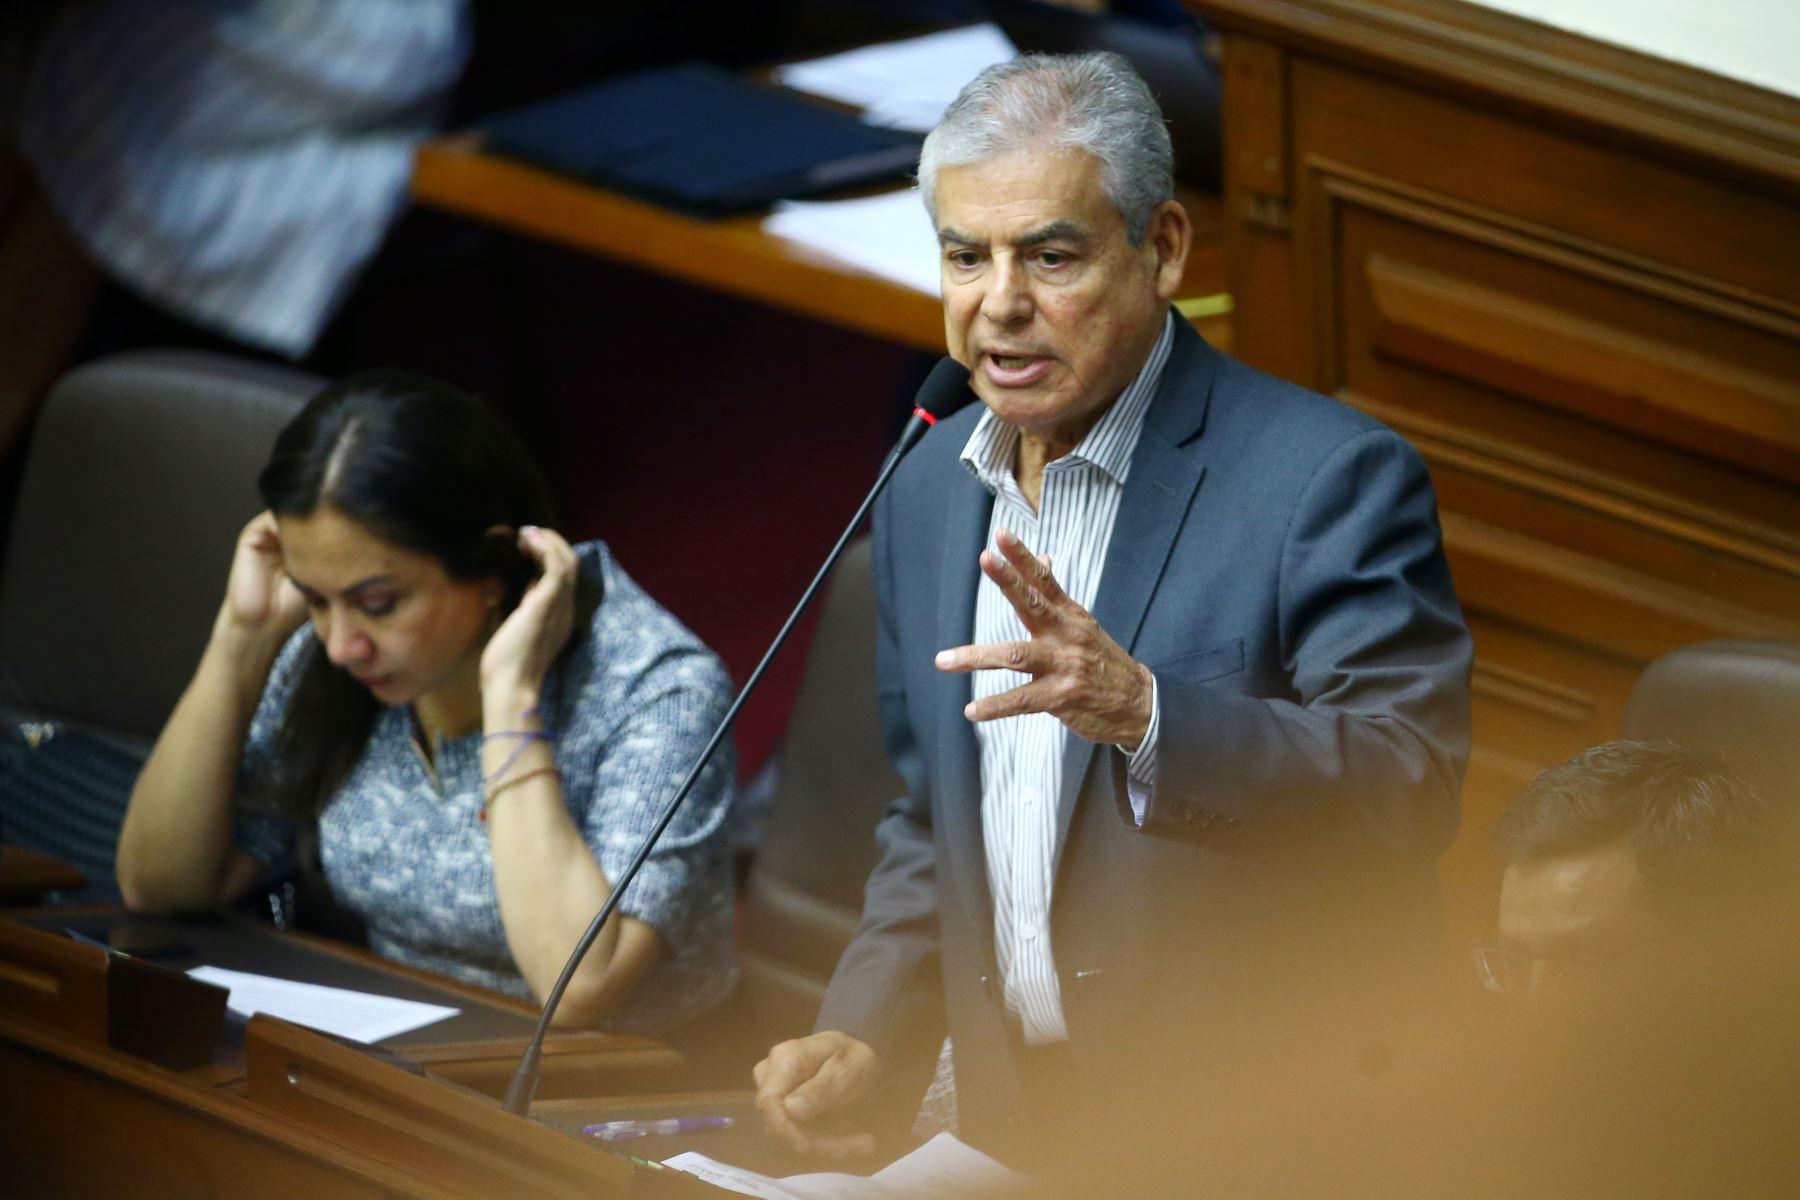 Cesar Villanueva durante su participación en el debate a la aceptación de la carta de renuncia del Presidente Kuczynski. Foto: ANDINA/Melina Mejía